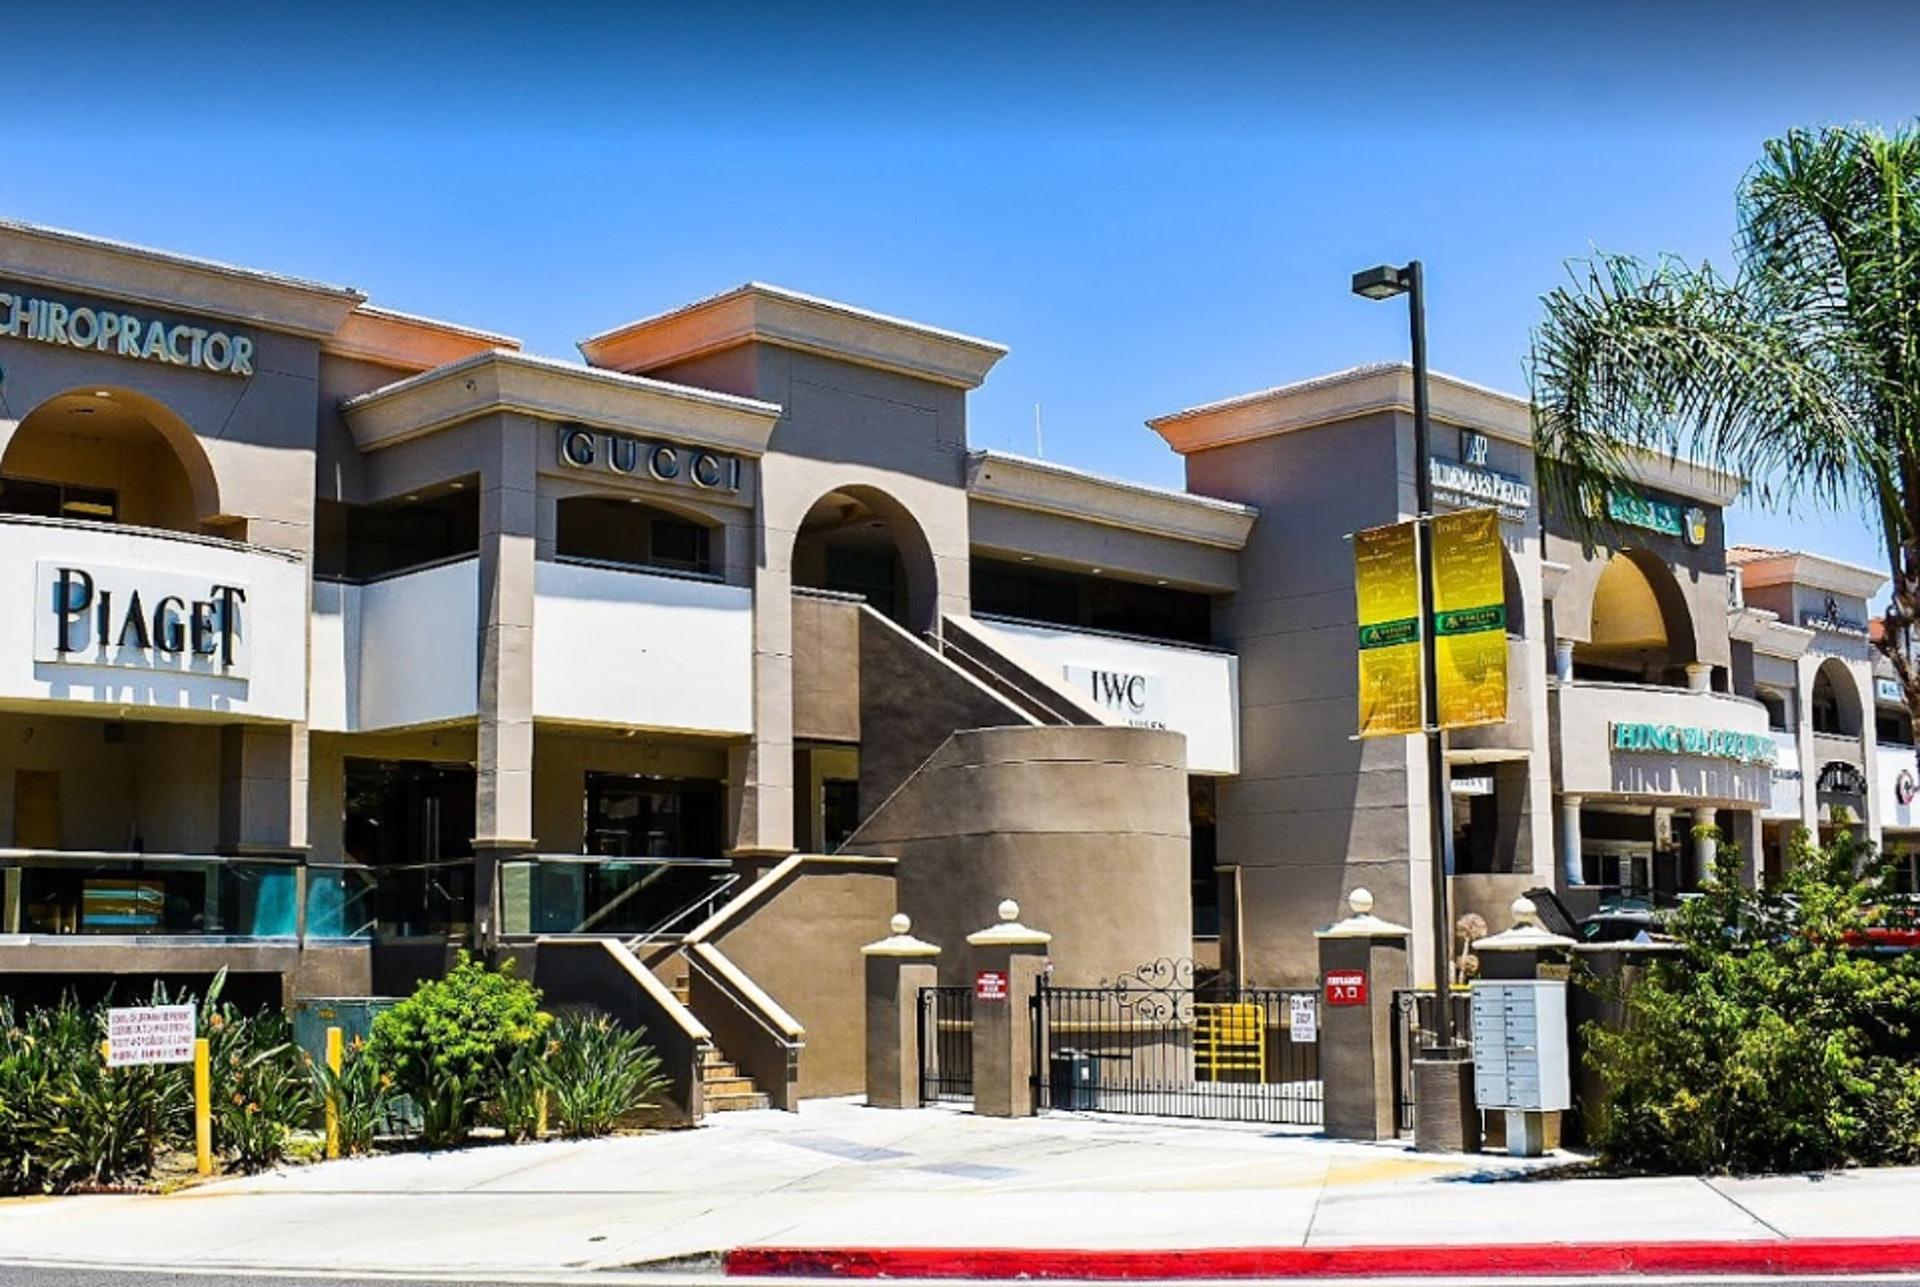 羅蘭崗(Rowland Heights)是美國加州著名的華人「二奶村」。(網絡圖片)